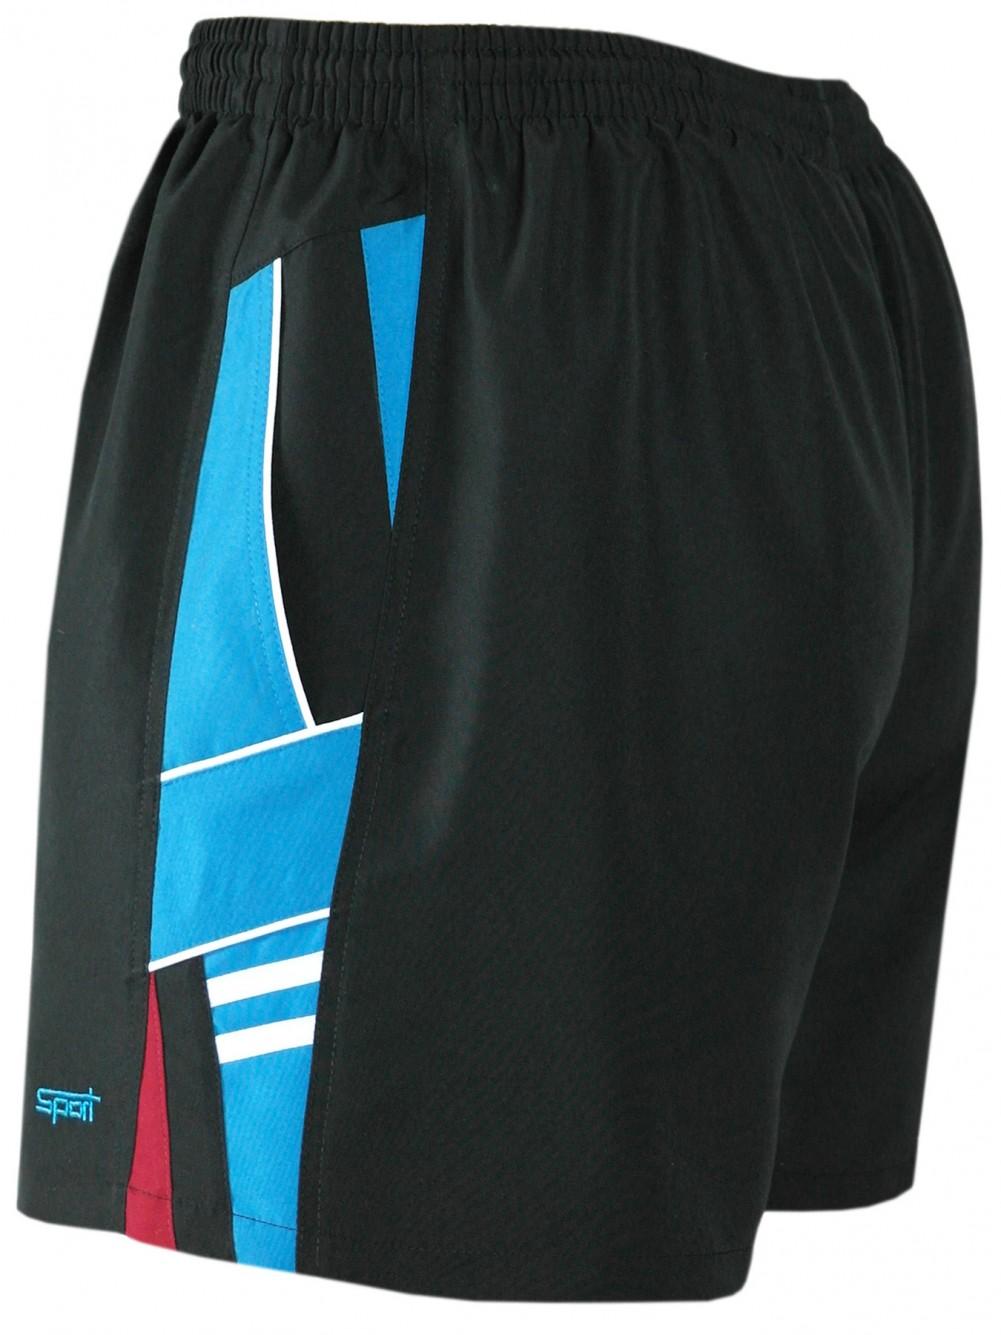 Herren Shorts kurze Hose aus ultra-leichter Mikrofaser - Schwarz-türkis